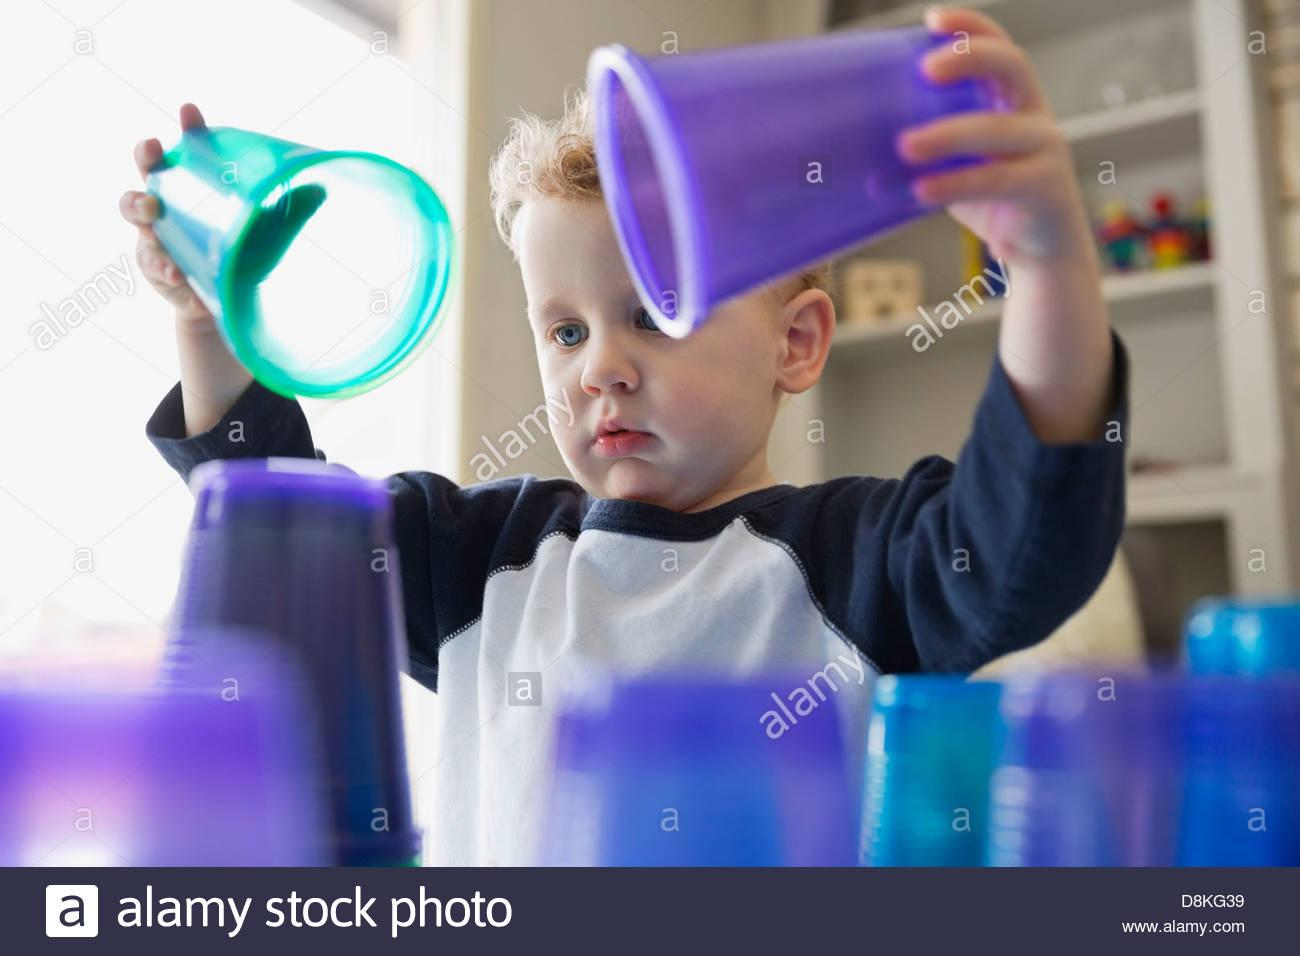 Joven apilar vasos de plástico en casa Imagen De Stock